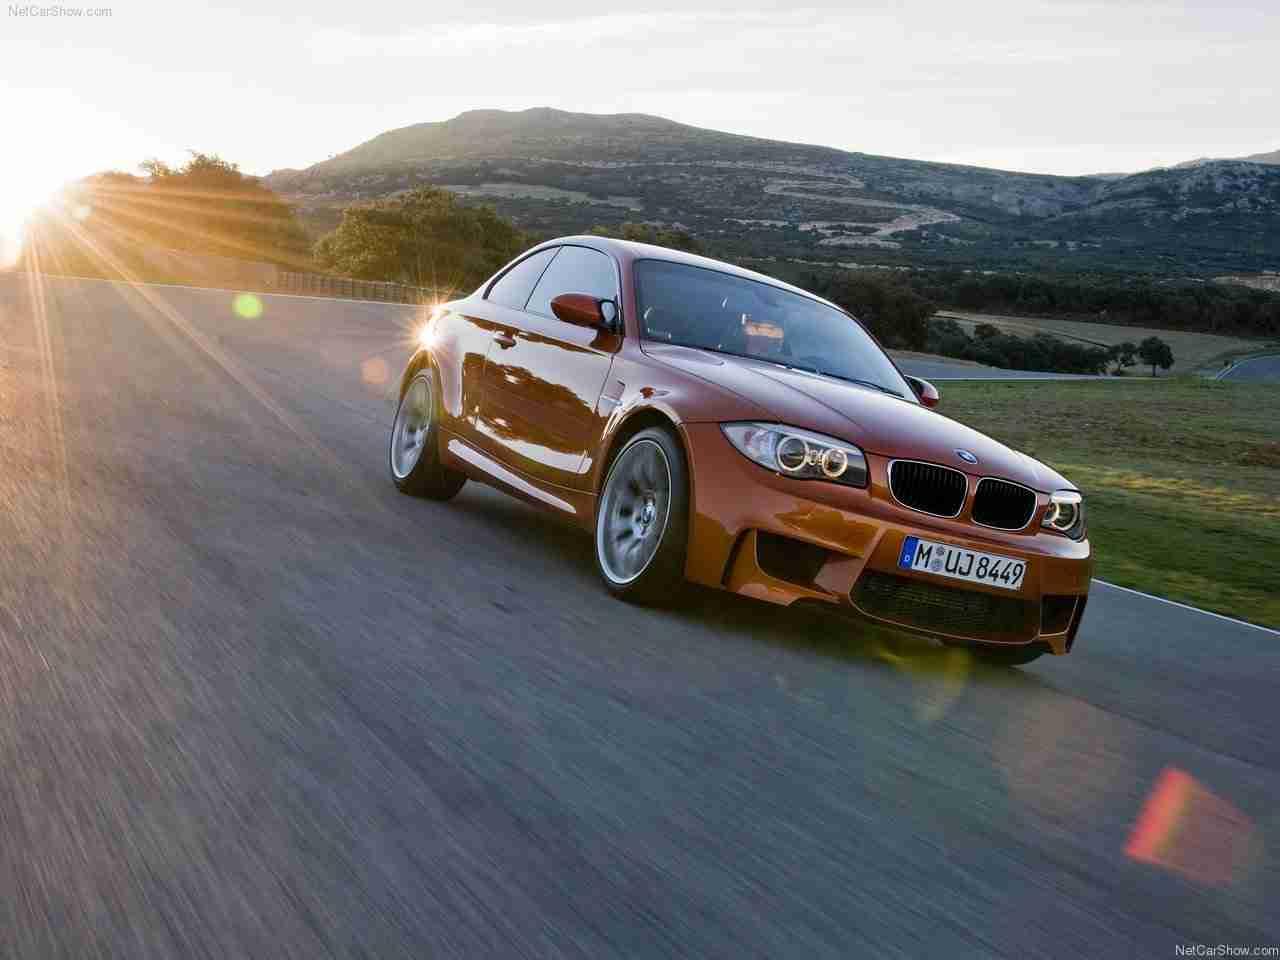 http://1.bp.blogspot.com/_lsyt_wQ2awY/TQRZZ6__HBI/AAAAAAACICw/uW-u1Hl0D6E/s1600/BMW-1-Series_M_Coupe_2011_1280x960_wallpaper_08.jpg